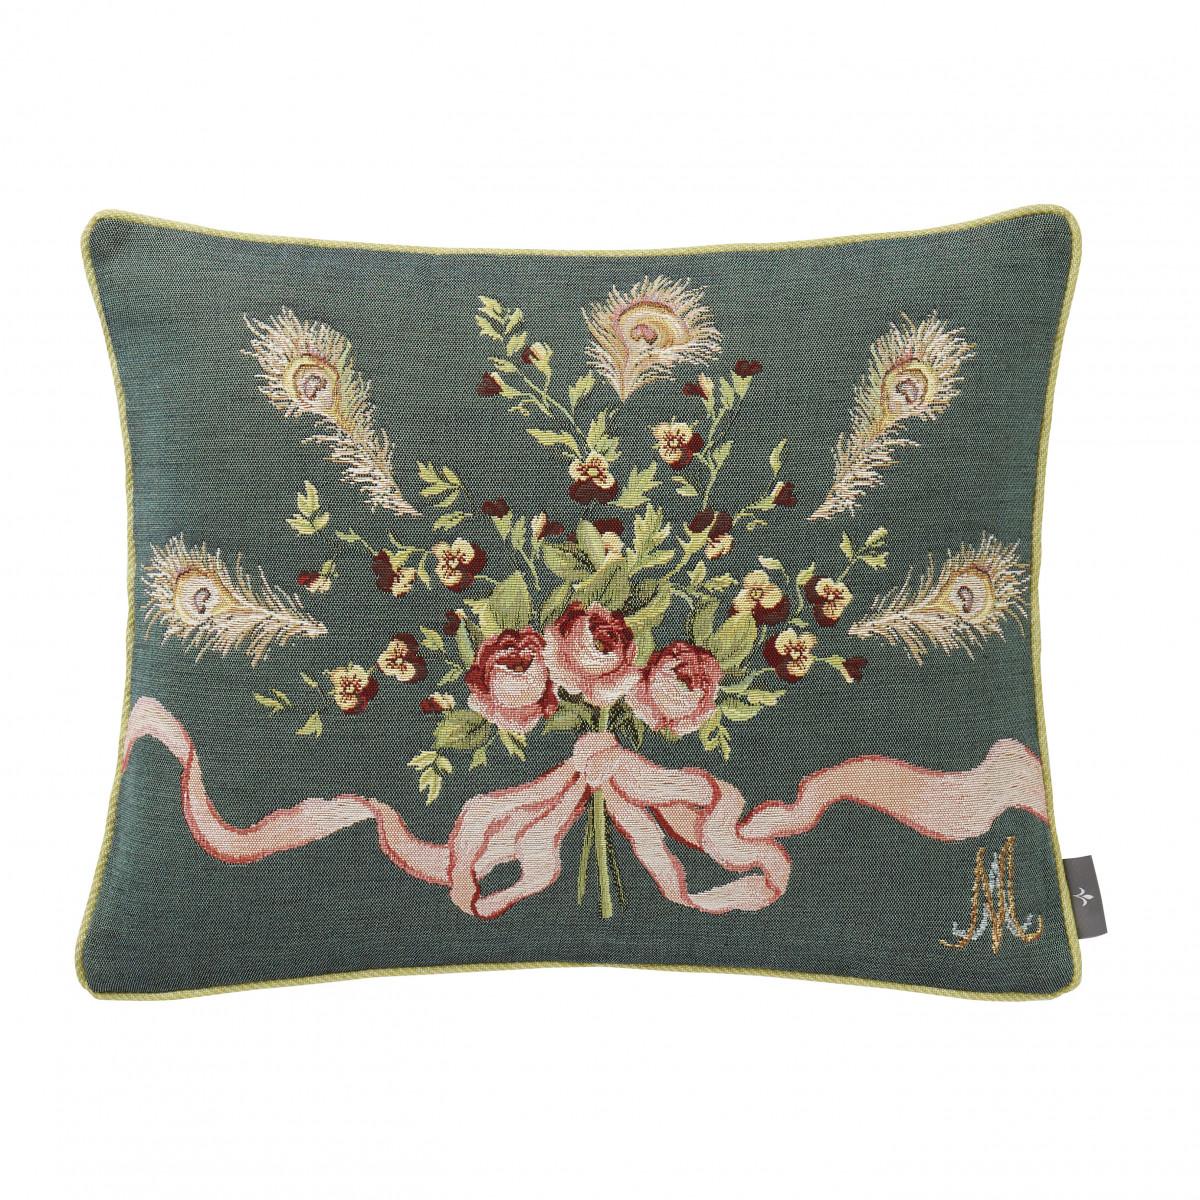 Coussin marie Antoinette tissé Vert 40 x 50